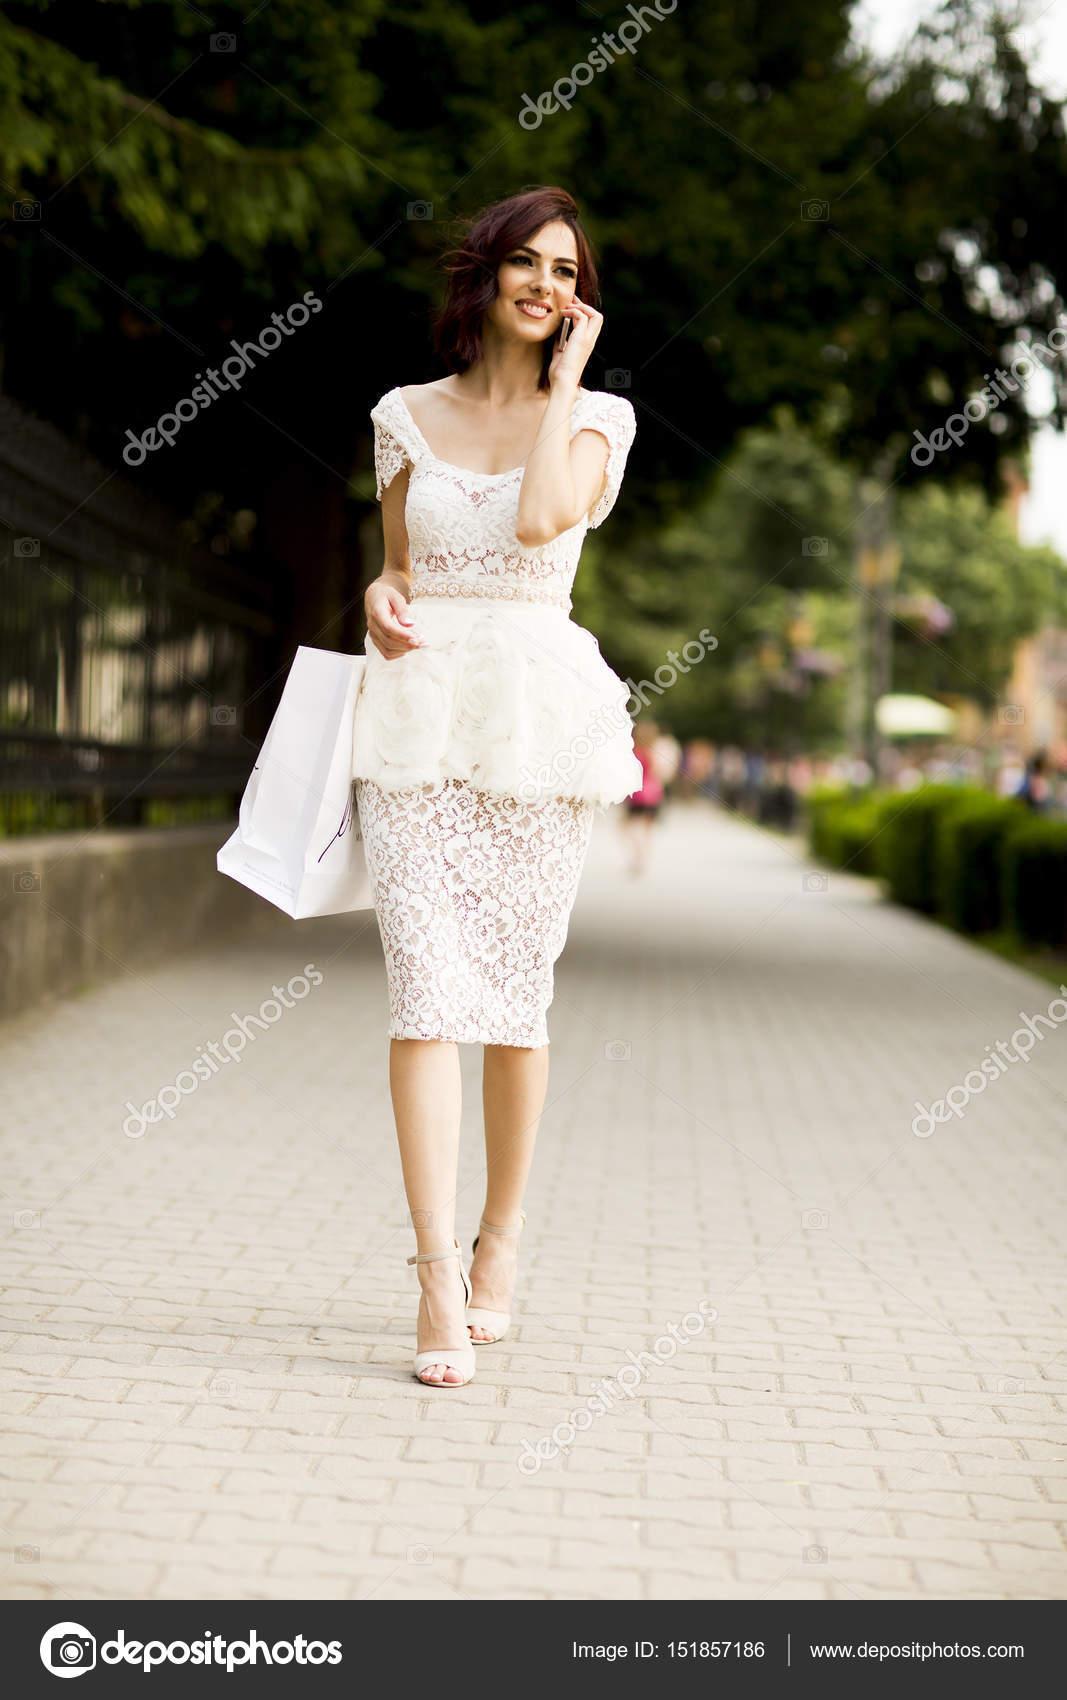 Joven Mujer Vestida De Blanco Foto De Stock Boggy22